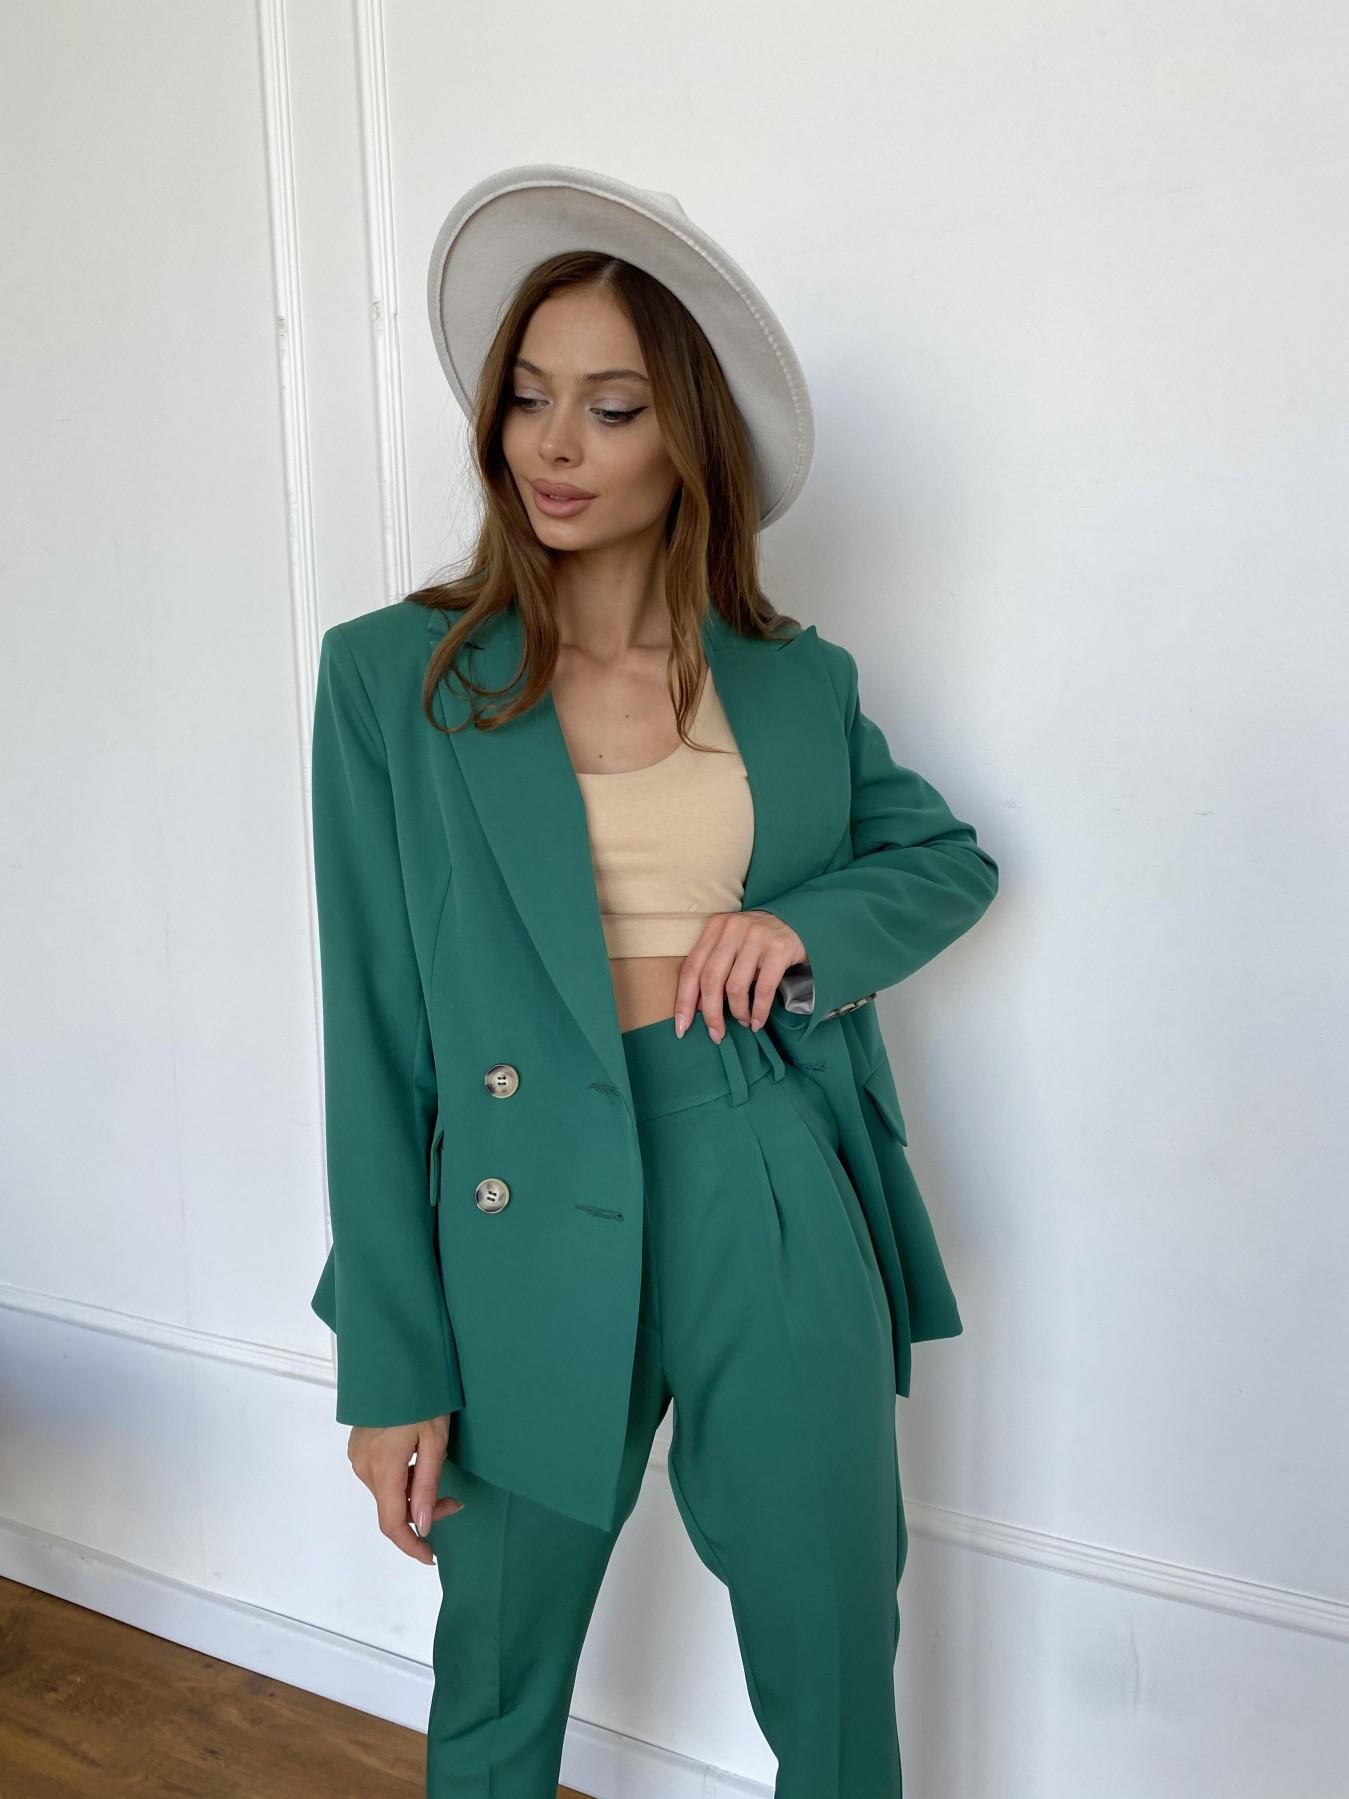 Франко костюм из костюмной ткани 11090 АРТ. 47898 Цвет: Зеленый - фото 5, интернет магазин tm-modus.ru